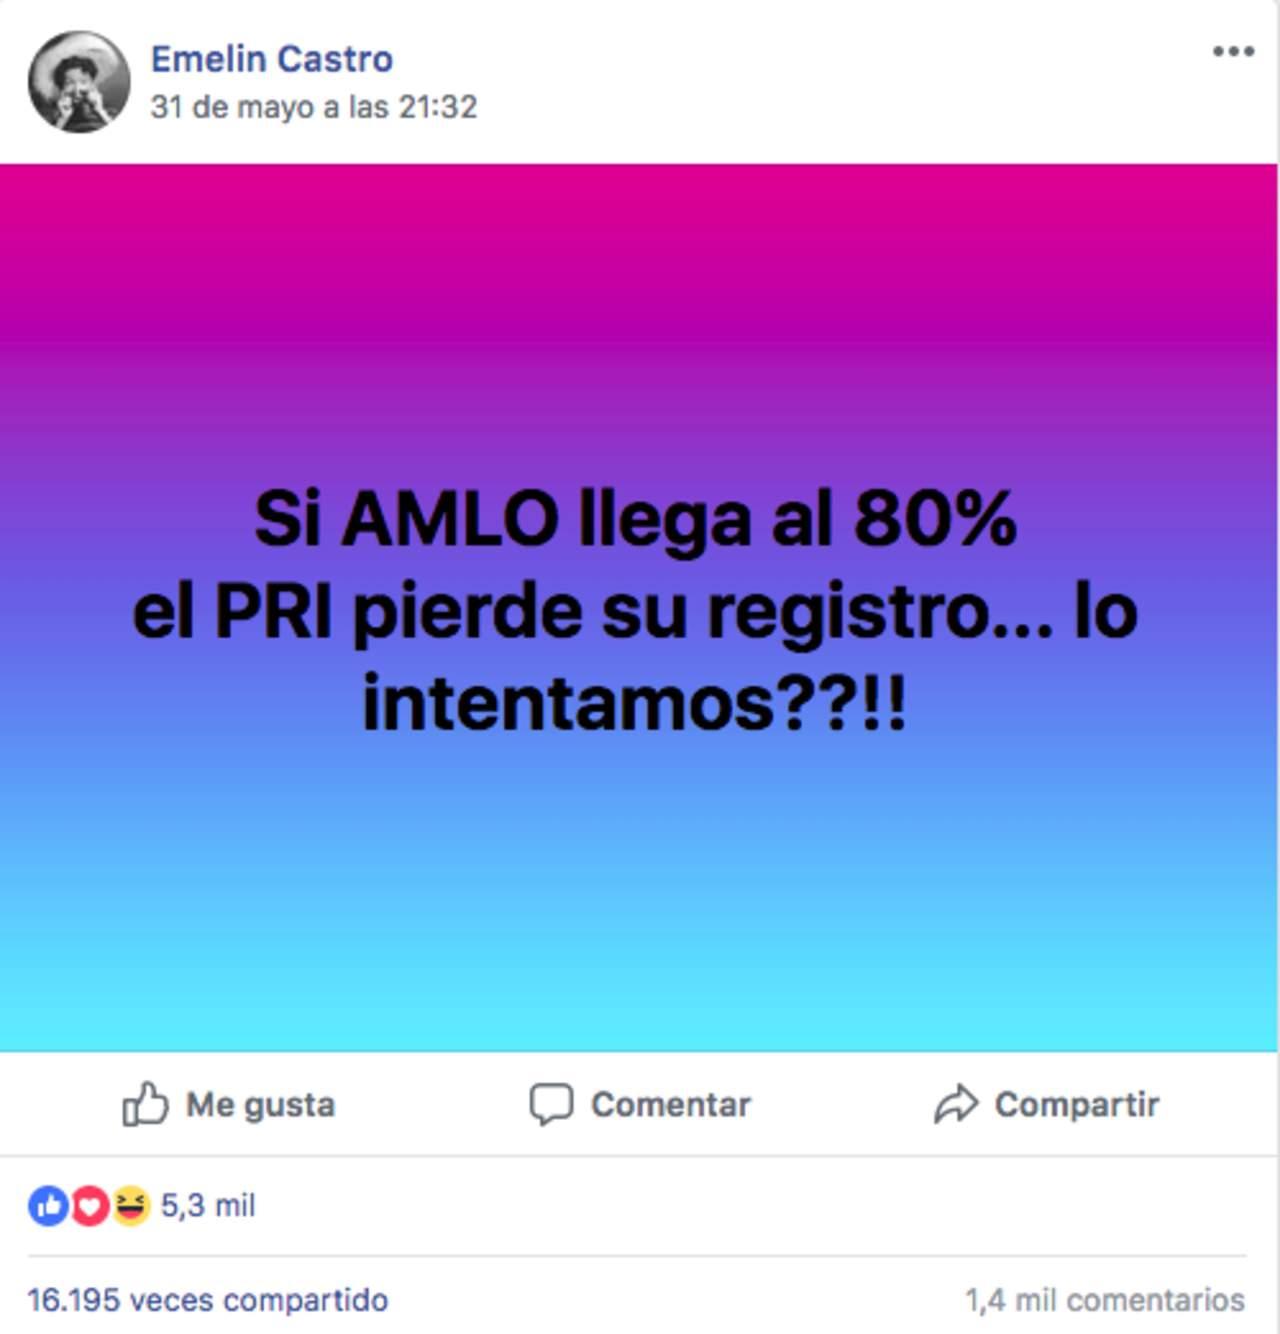 El PRI no perdería su registro si López Obrador obtiene 80% de los votos